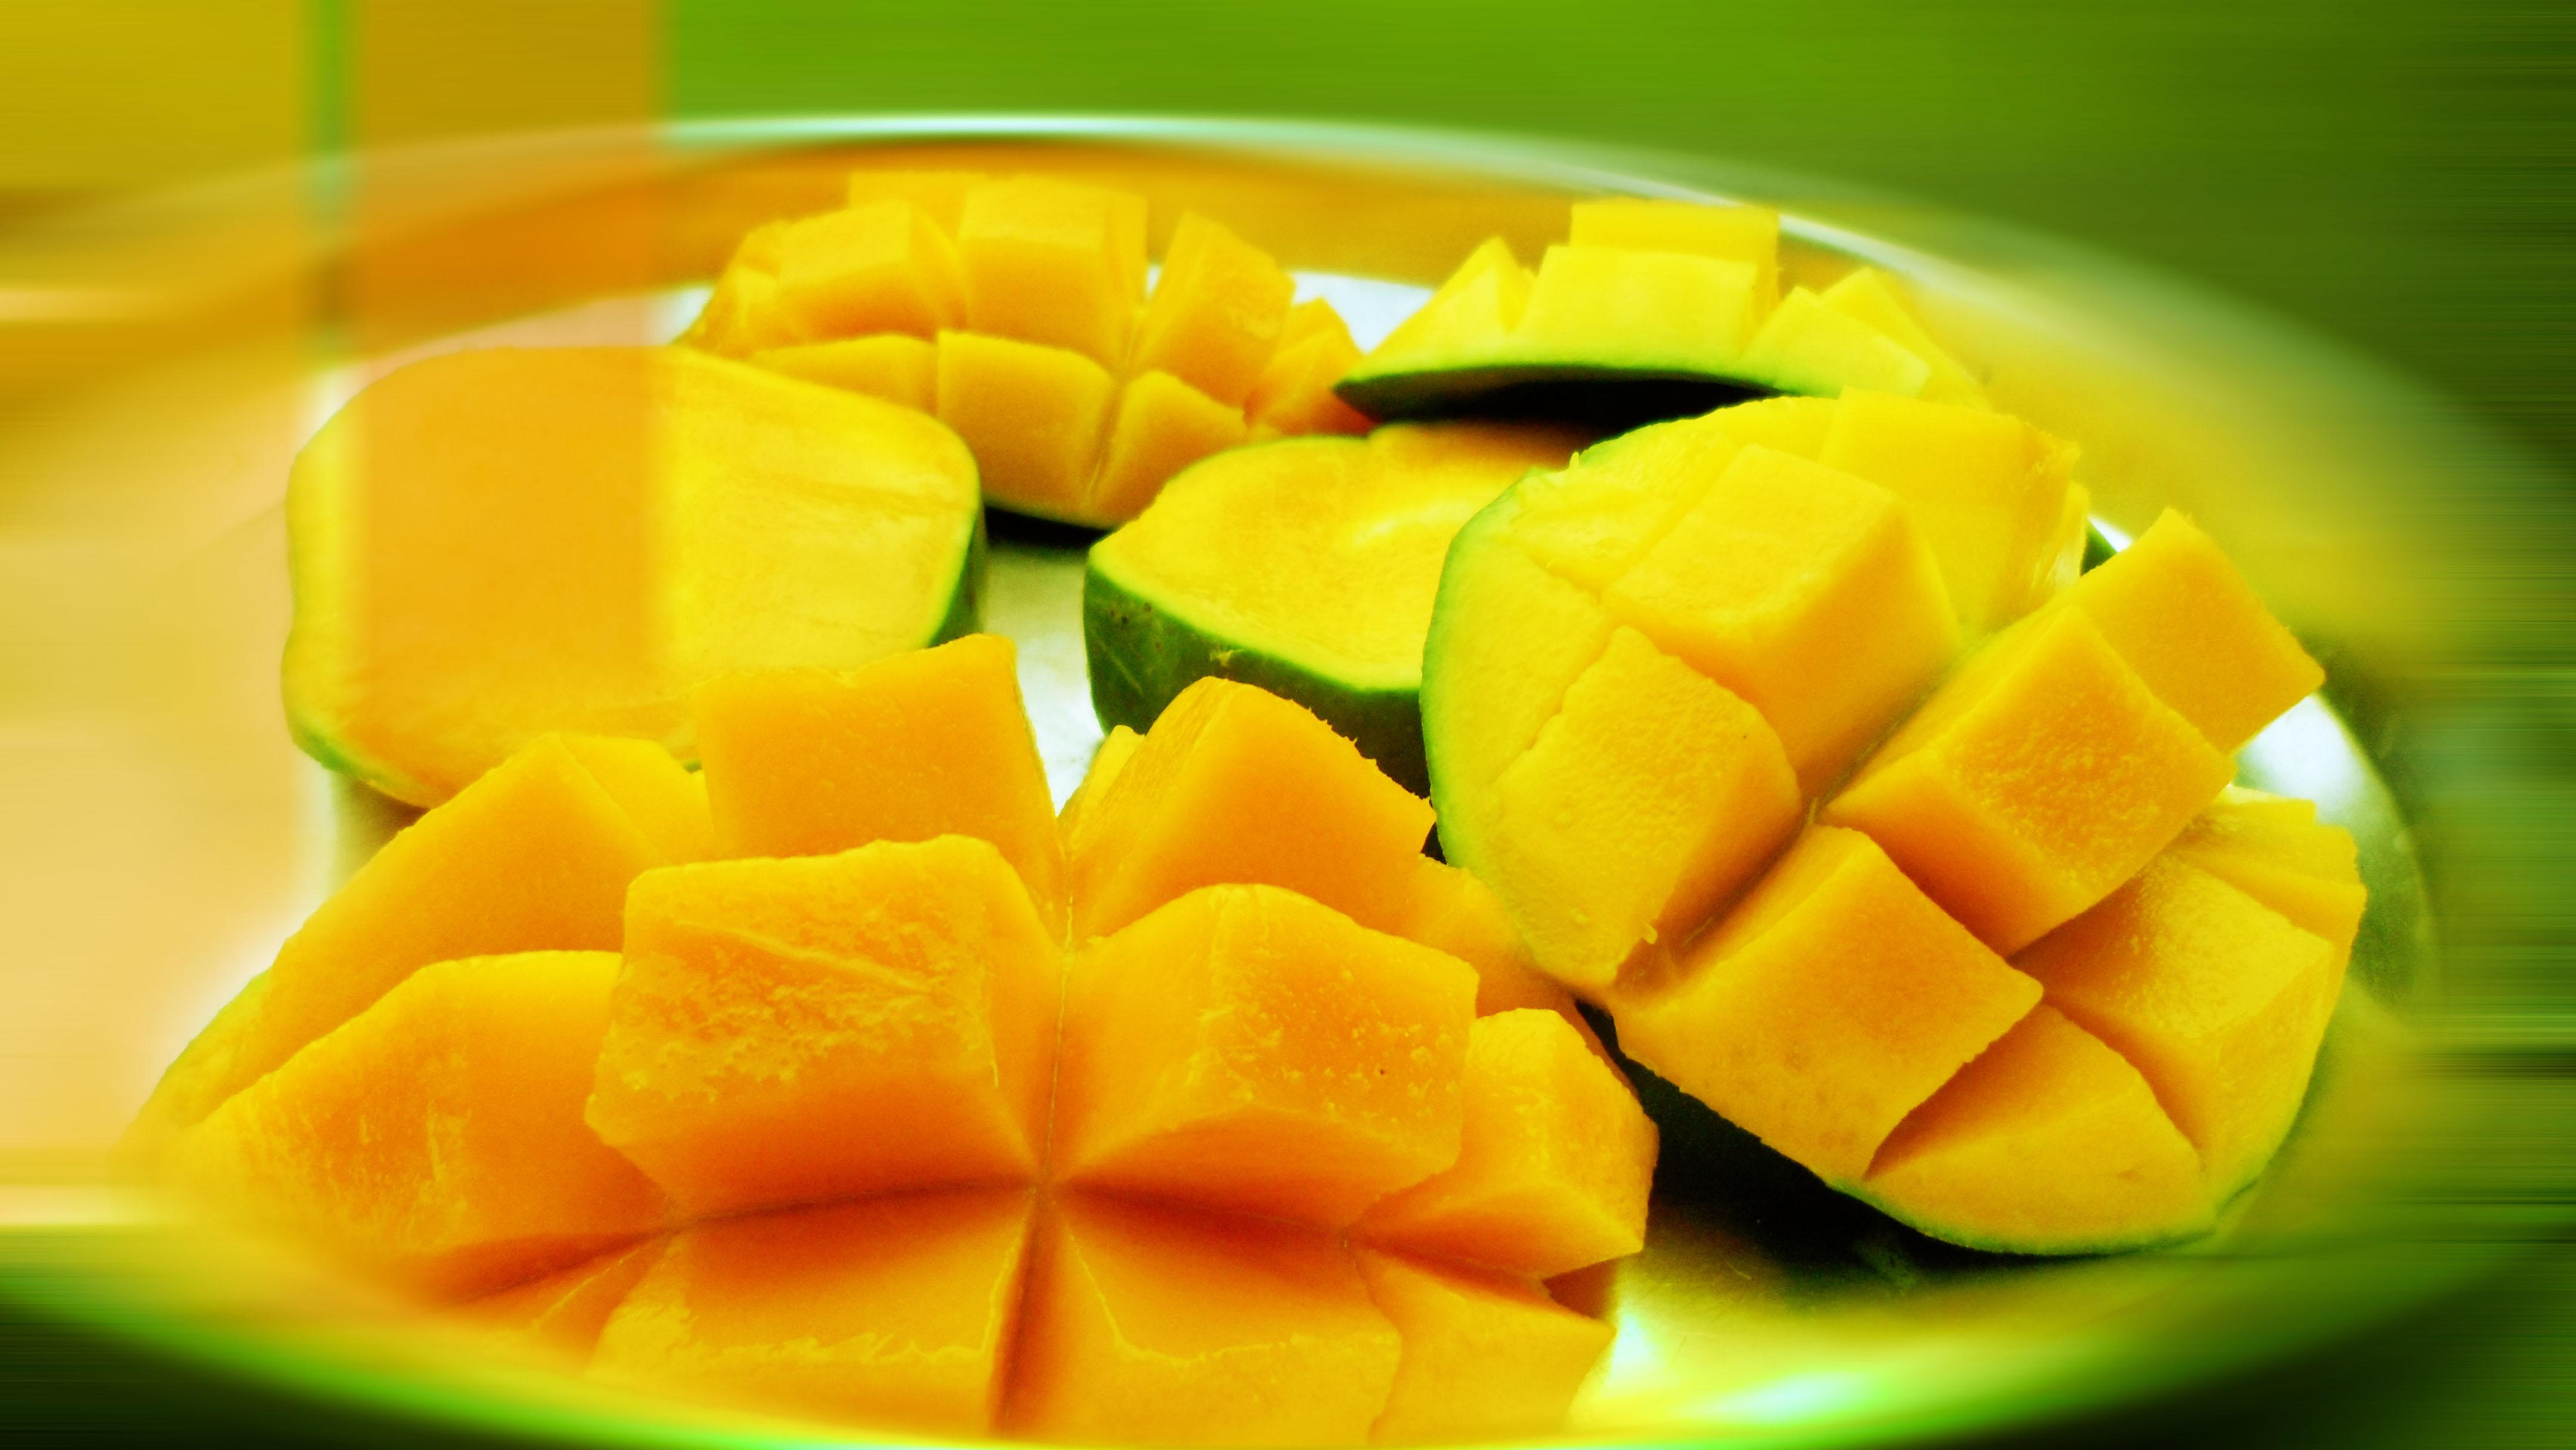 fruit wallpaper hd